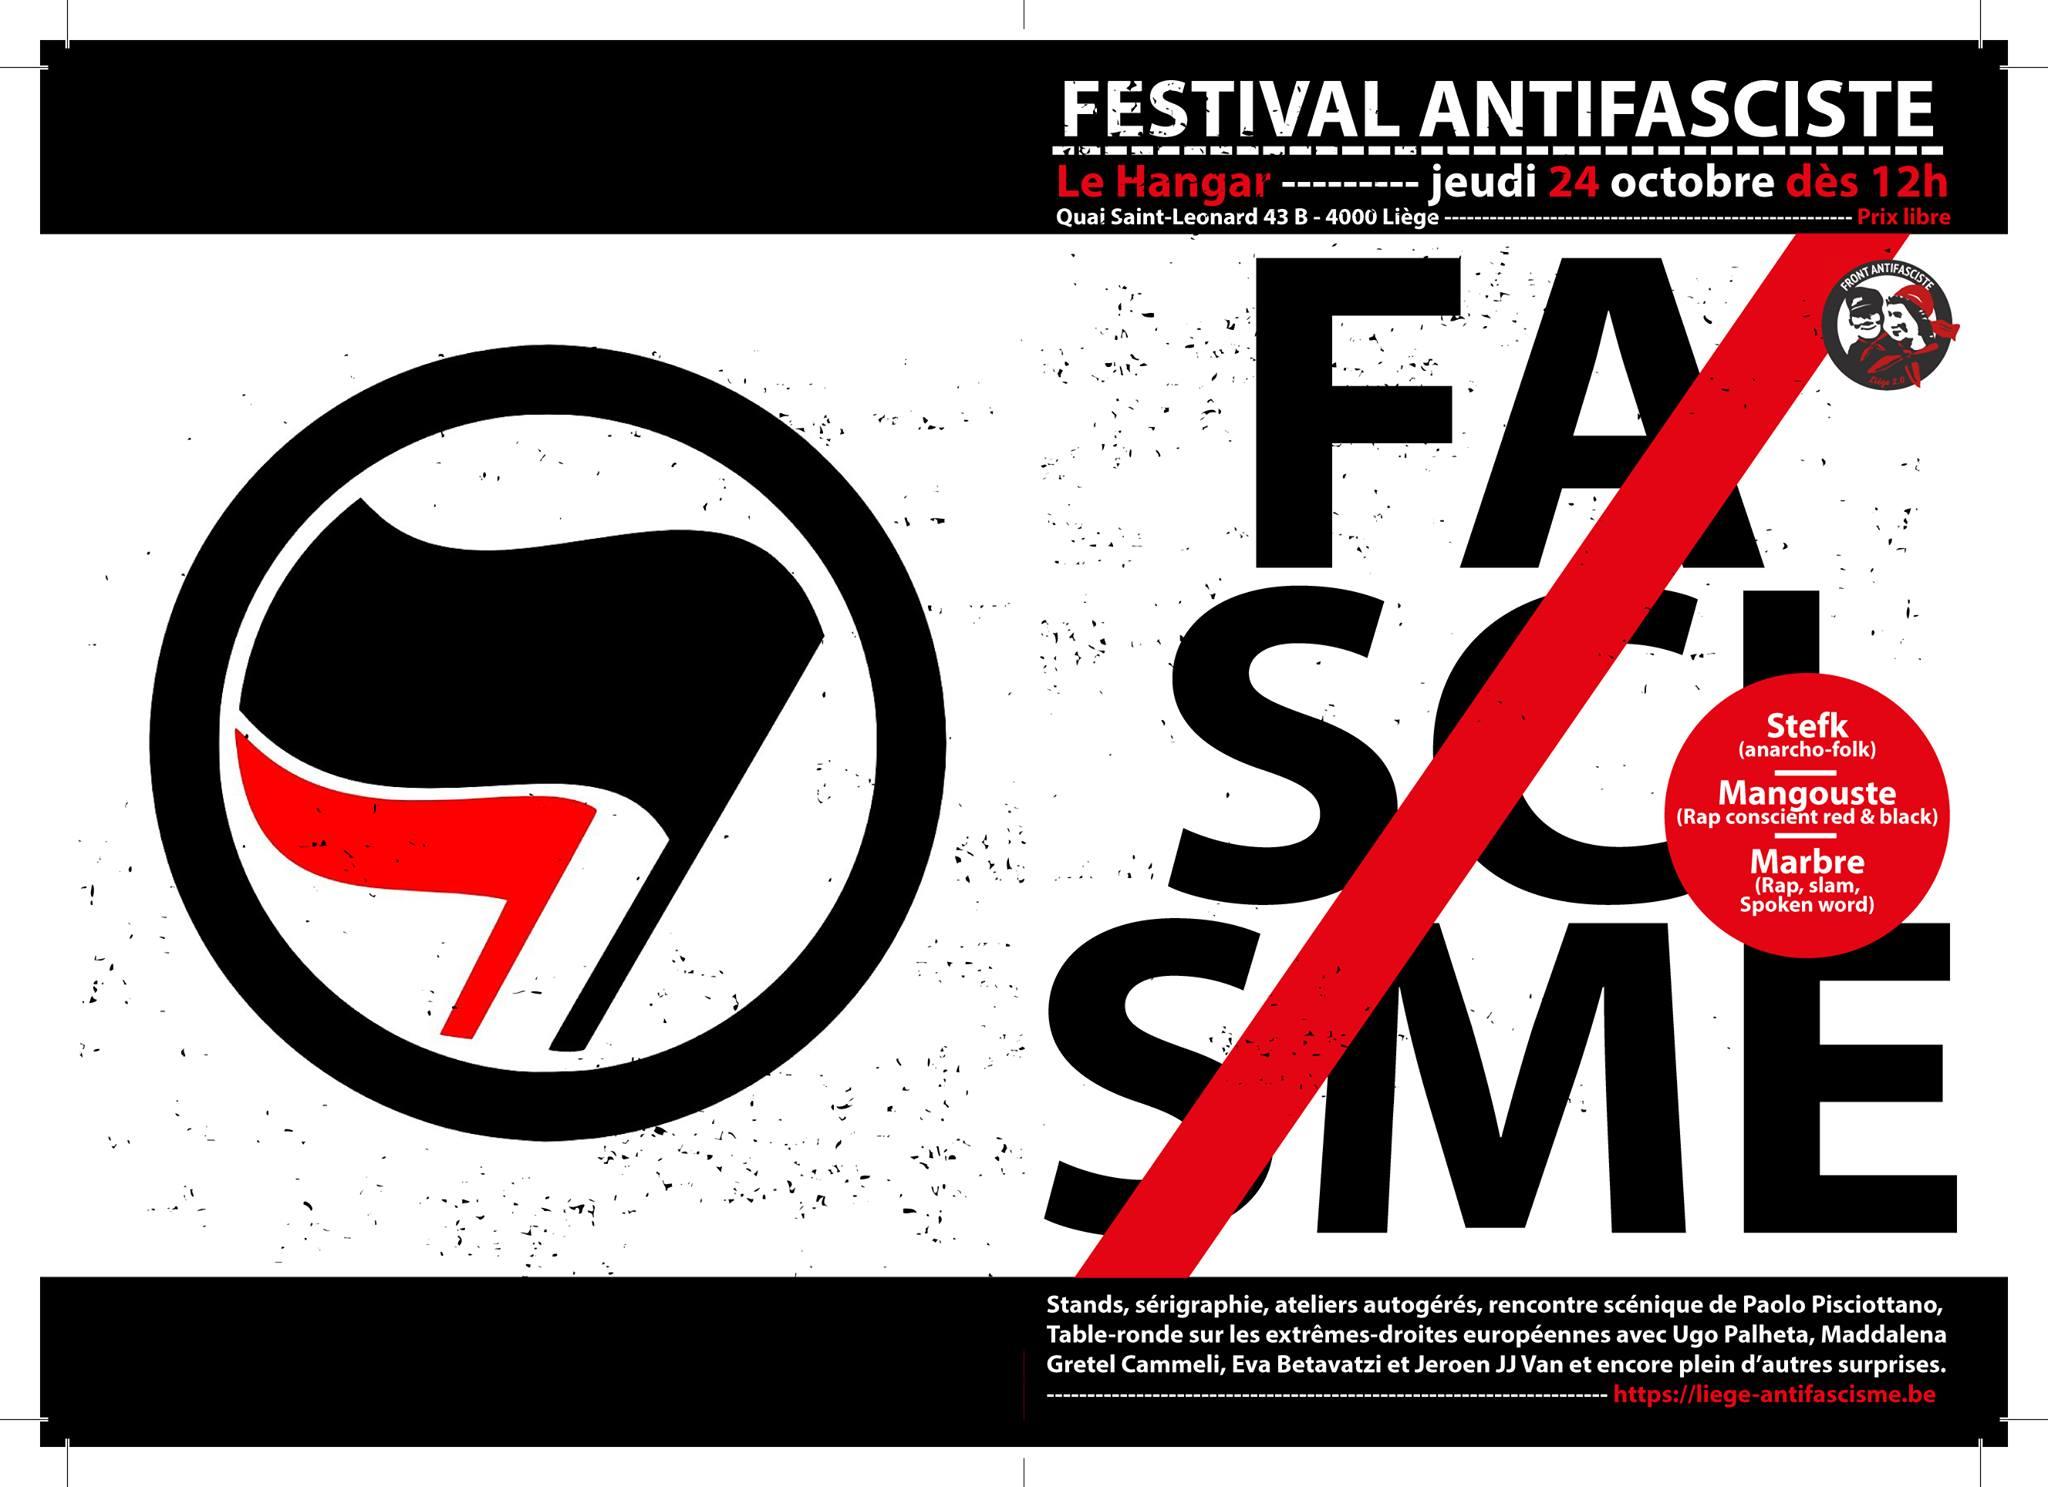 Rencontres & musique | Festival Antifasciste / 24 Octobre